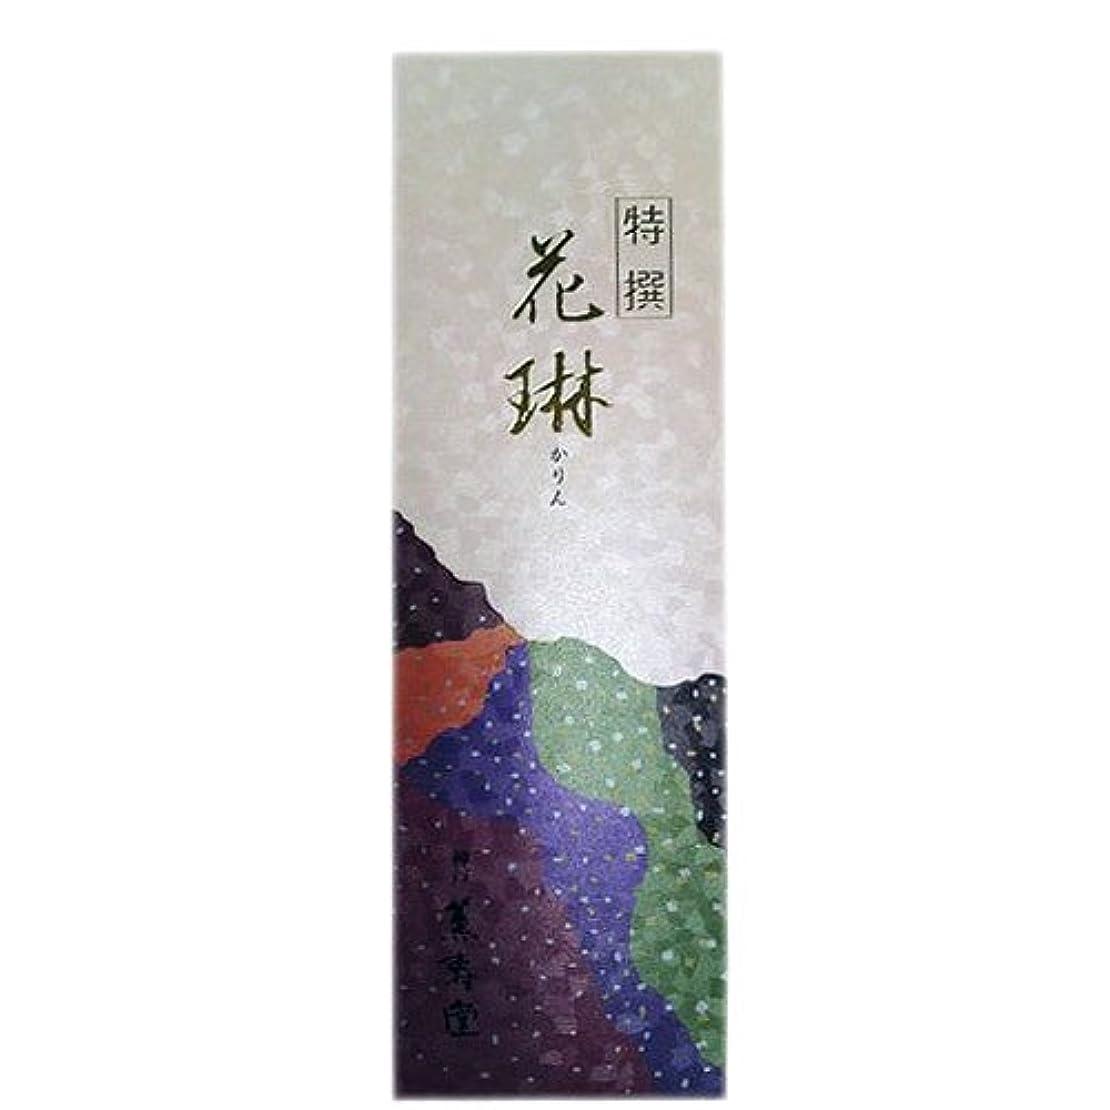 リットルピボットサルベージ薫寿堂 特撰花琳 スリム 018 30g